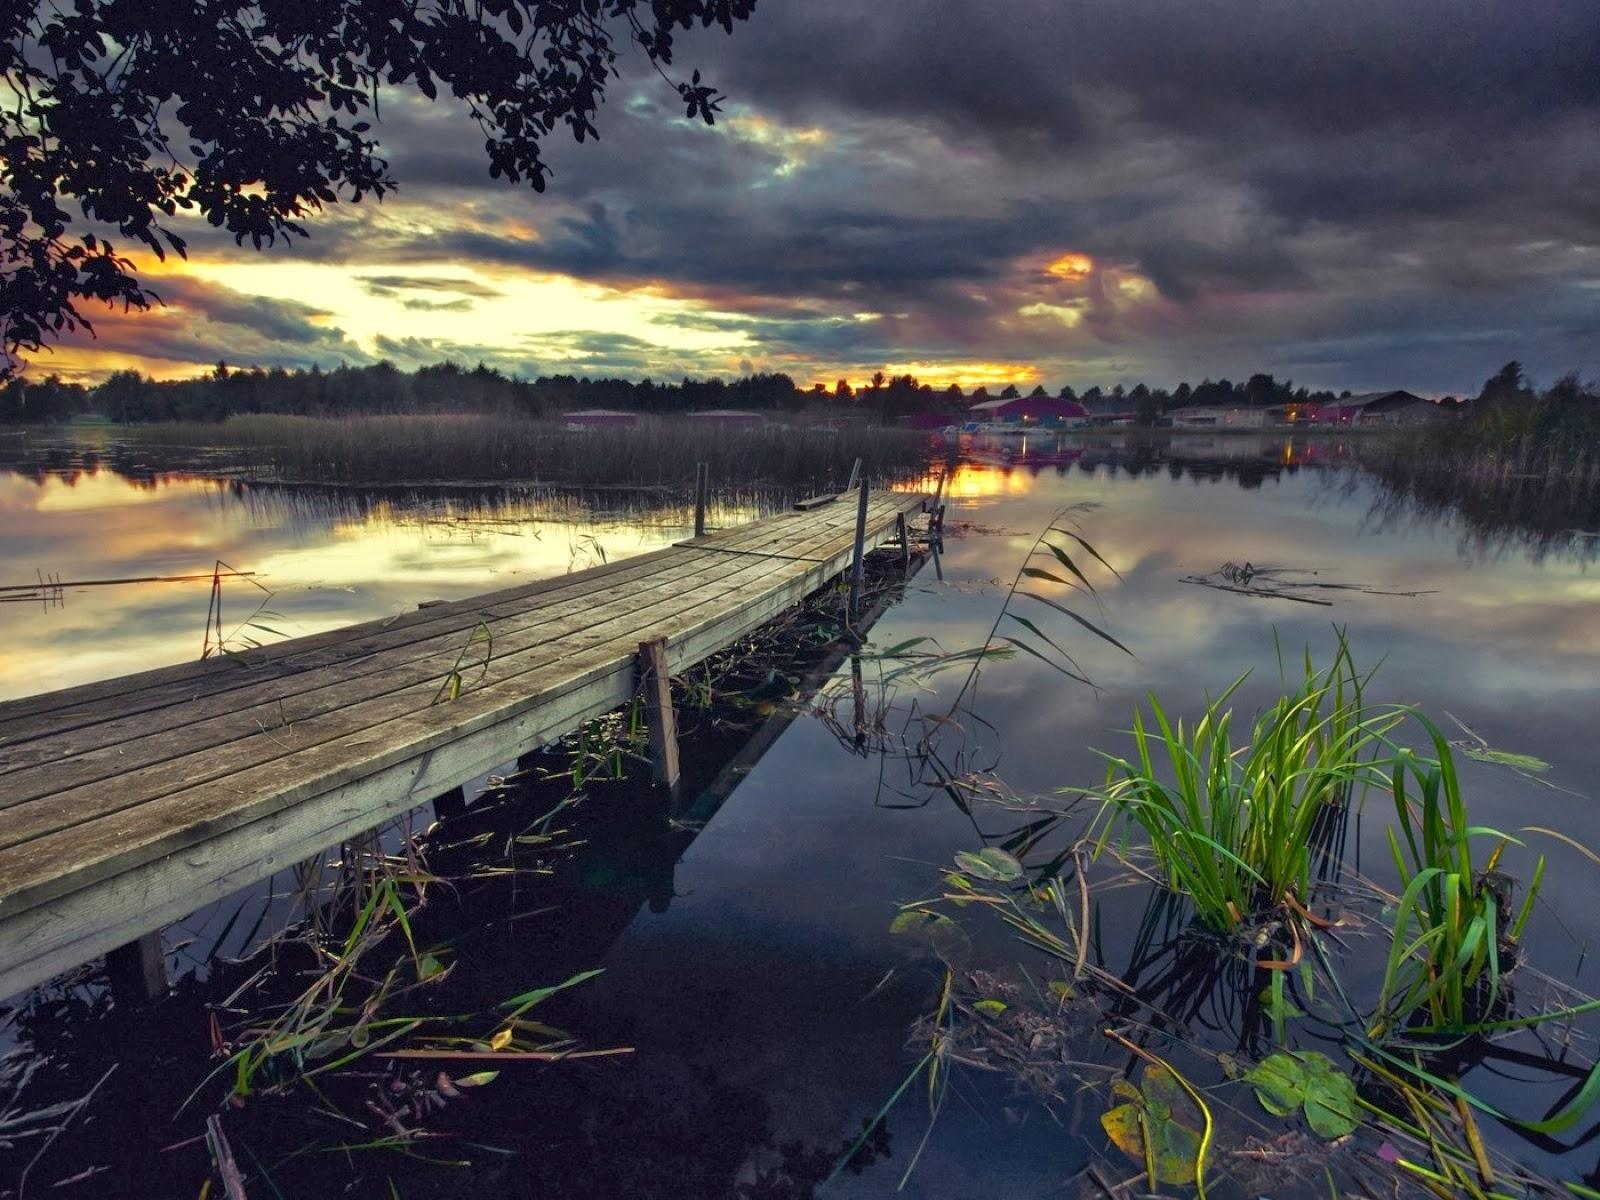 Embarcadero lago plantas & cielo